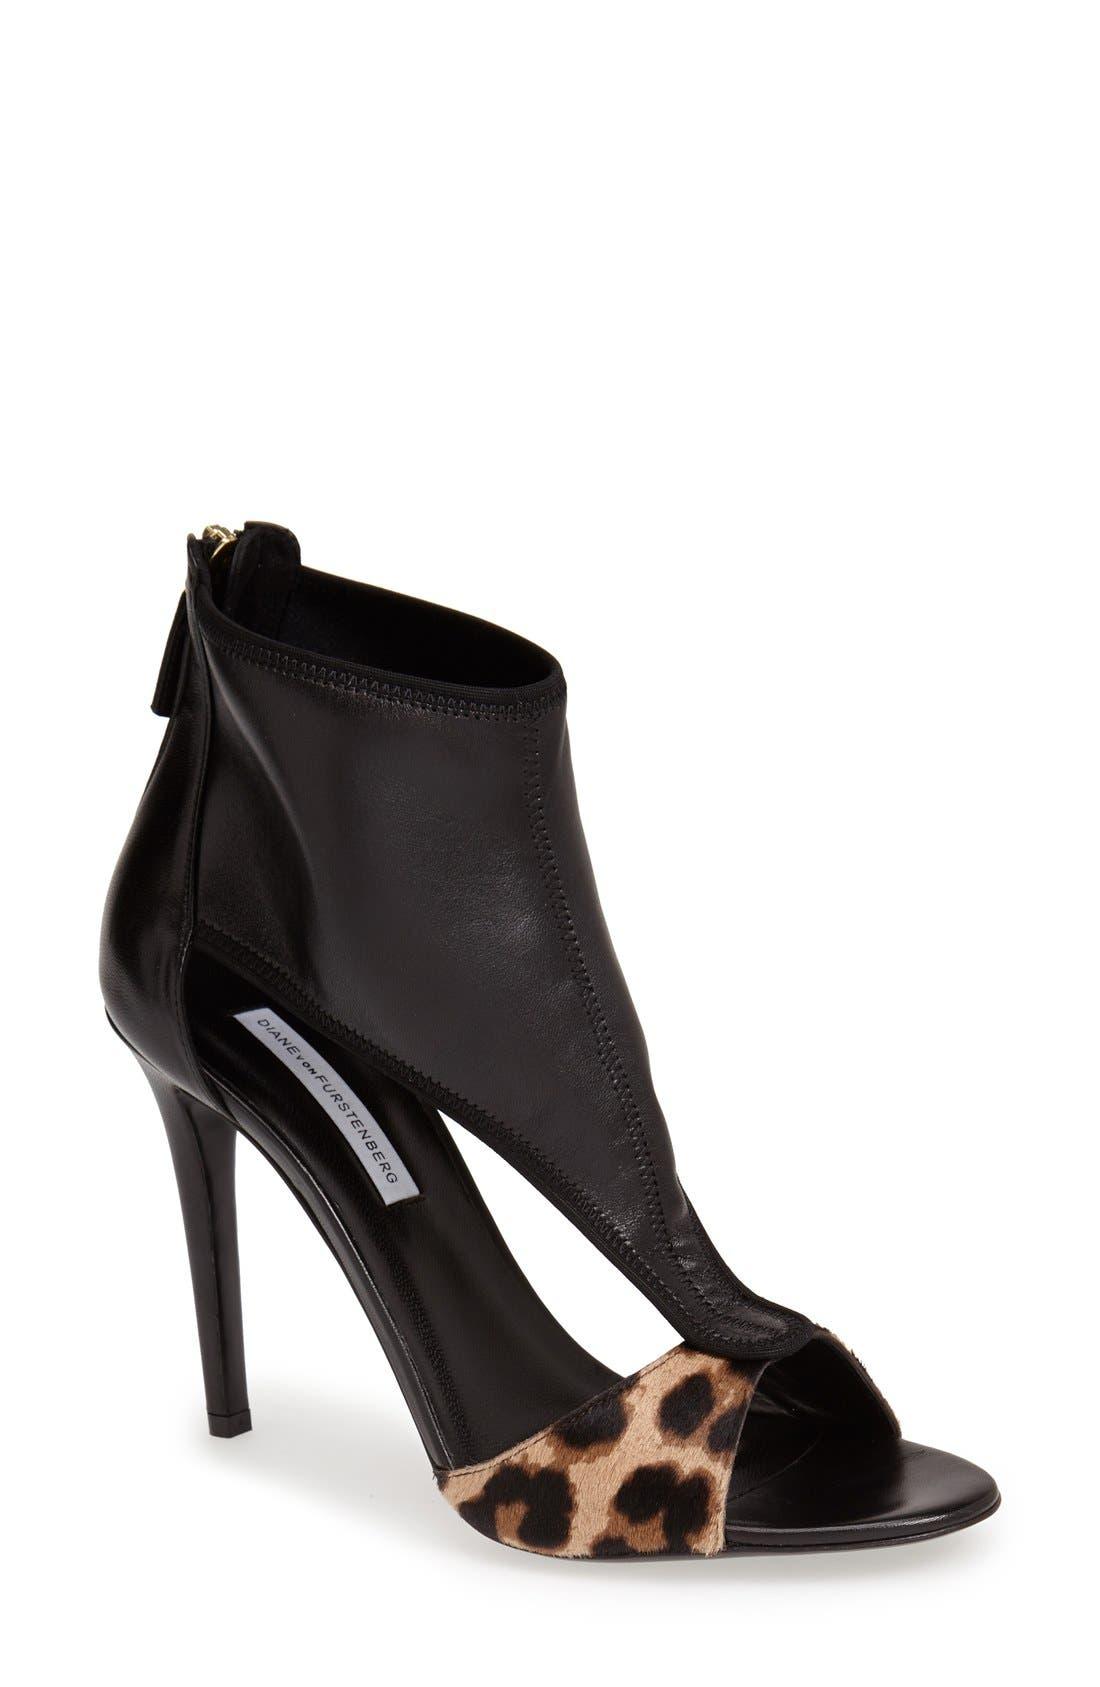 Main Image - Diane von Furstenberg 'Uffie' Leather & Calf Hair Sandal